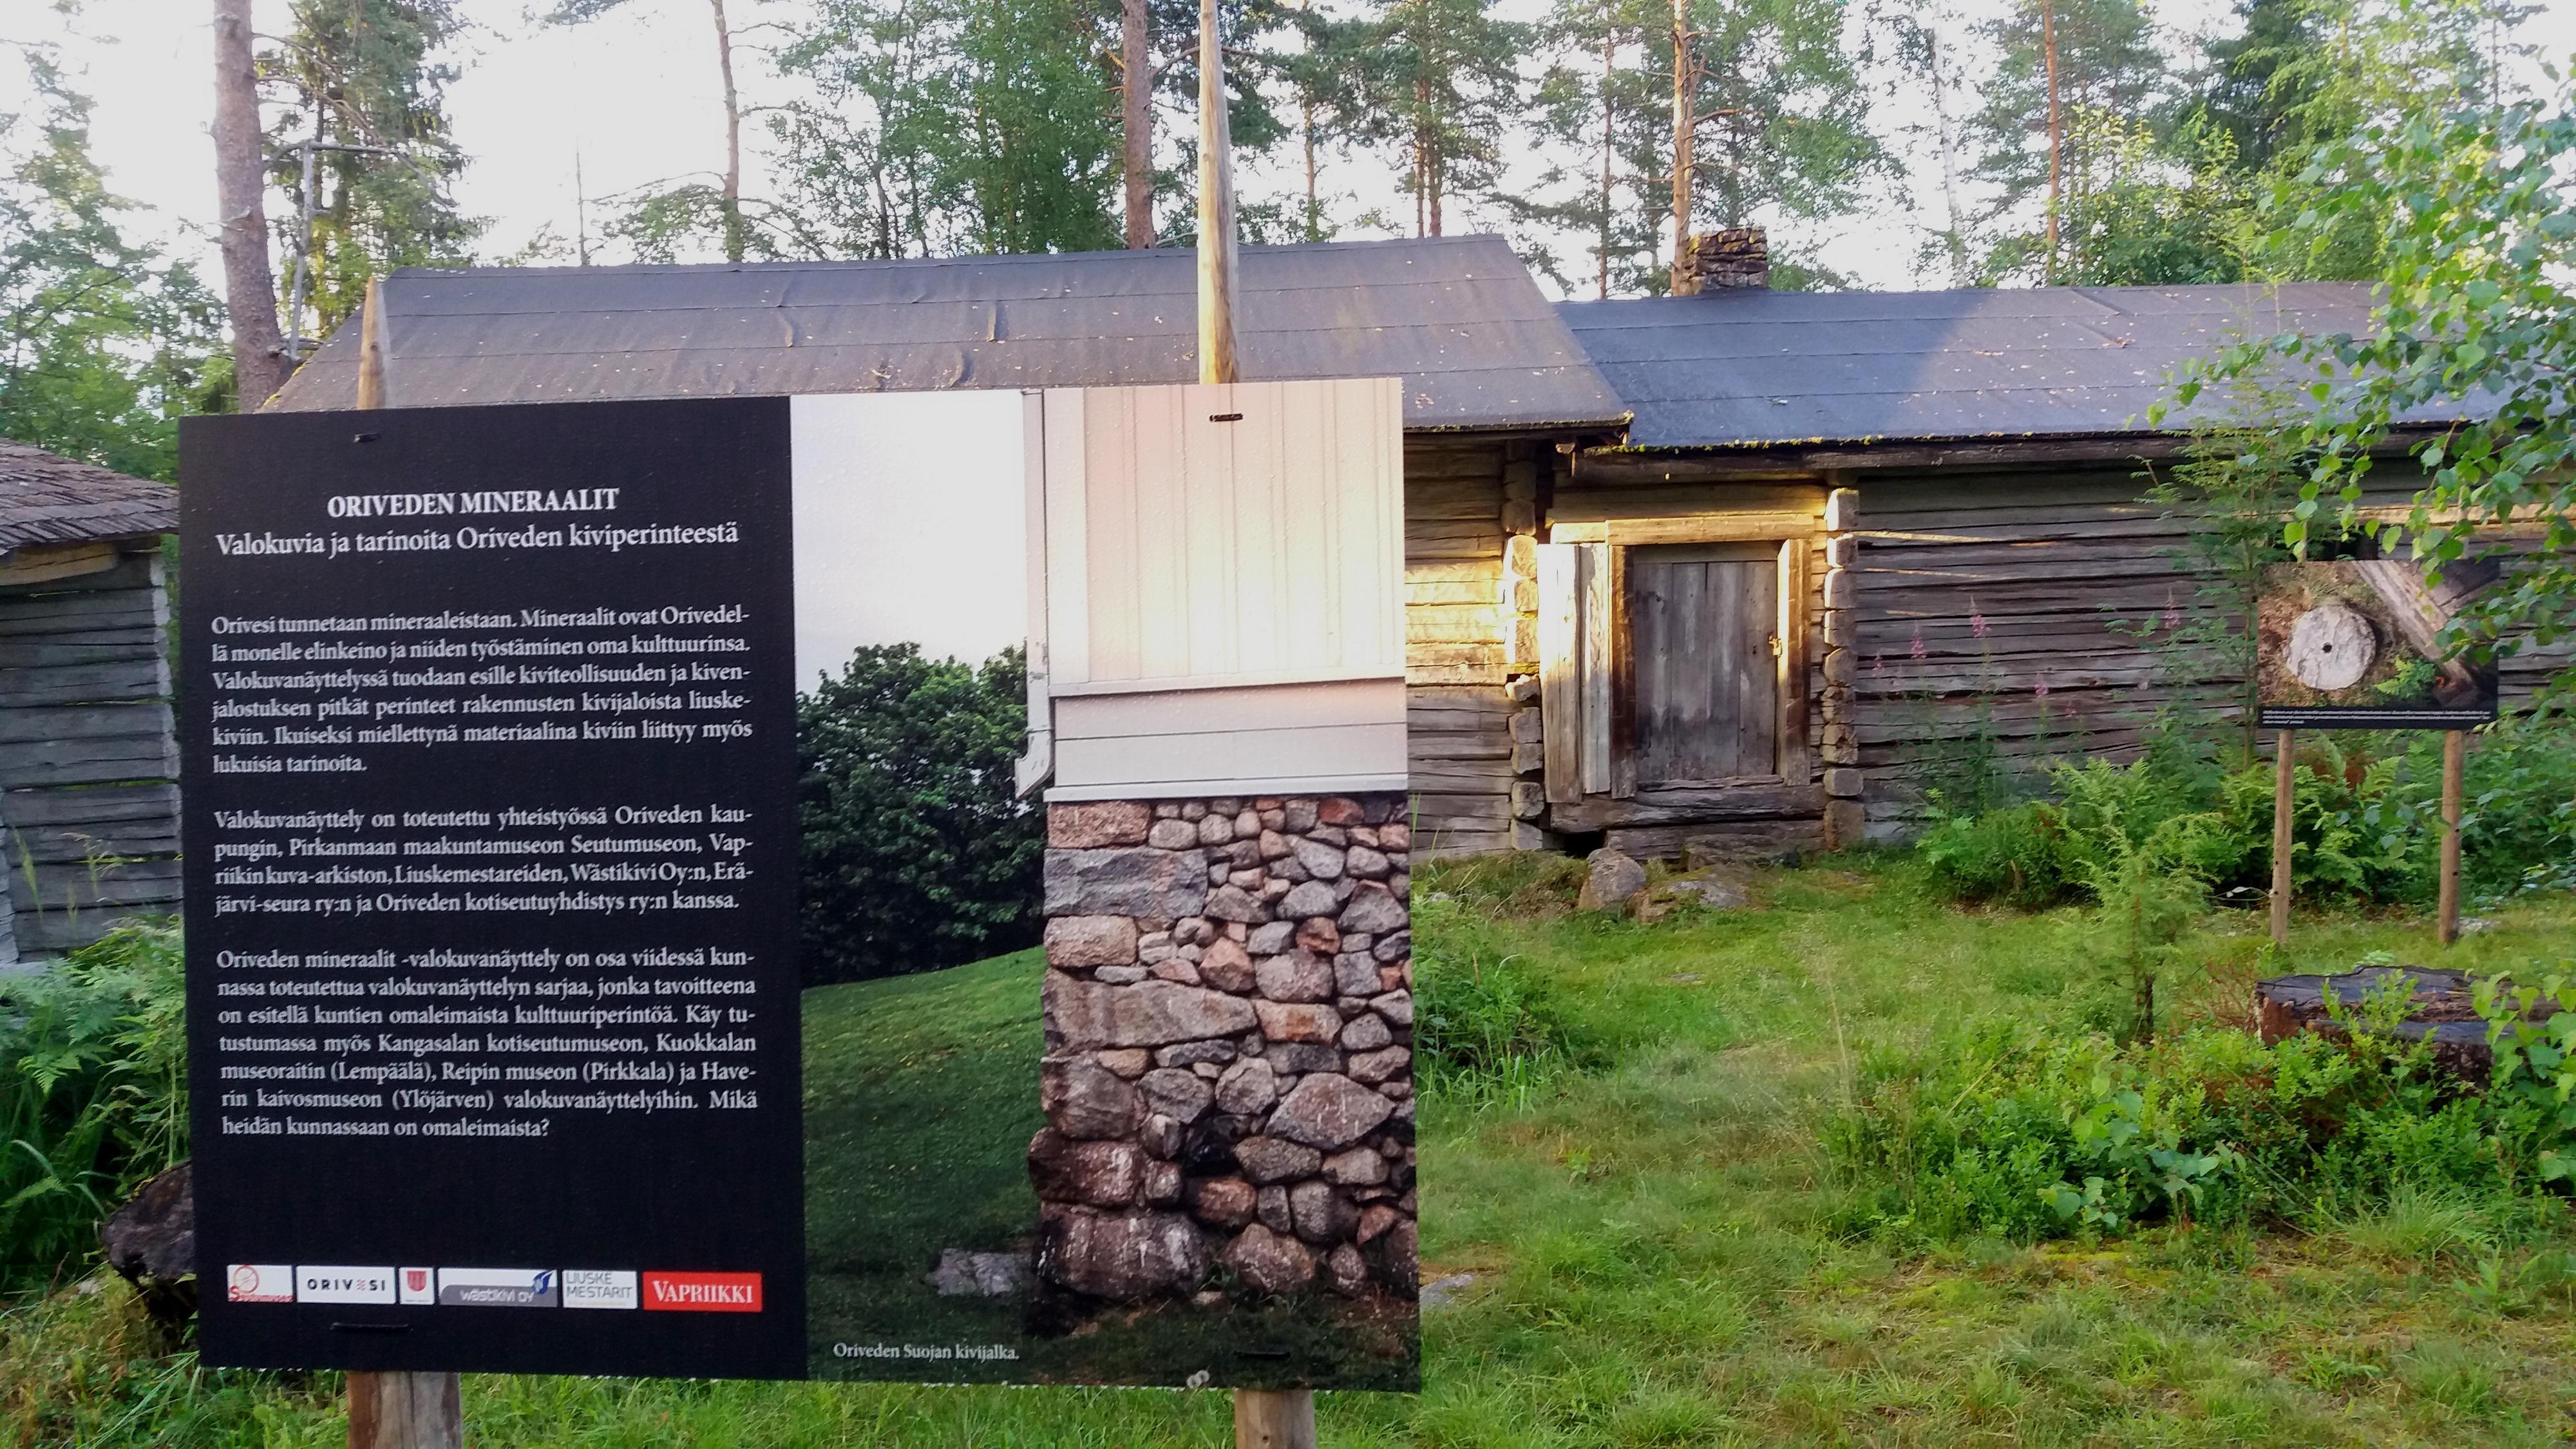 Oriveden mineraalit -näyttelyn infotaulu ja teoksia Paltanmäellä.